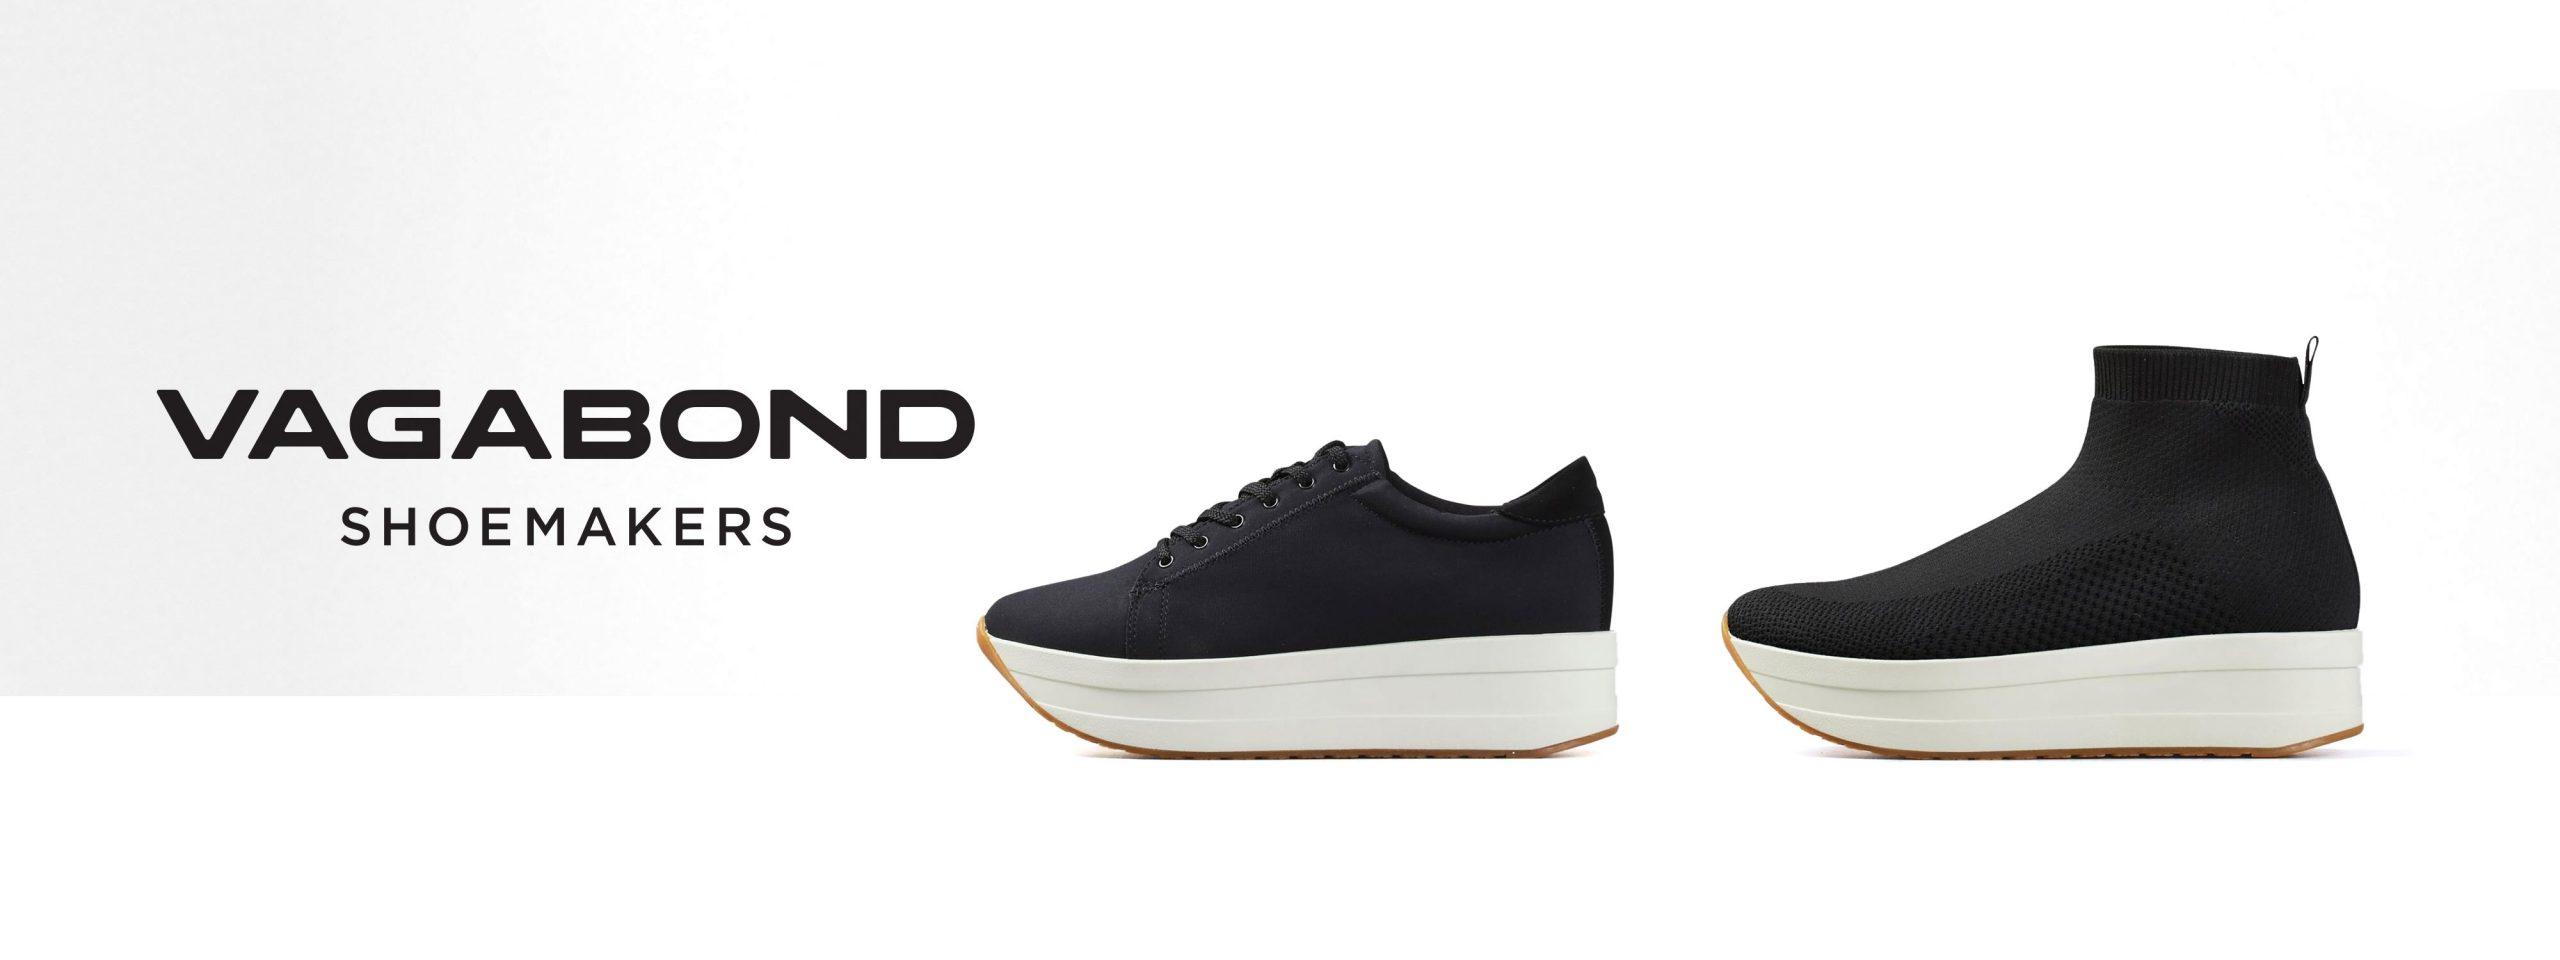 Vegabond Shoemakers Sneakers